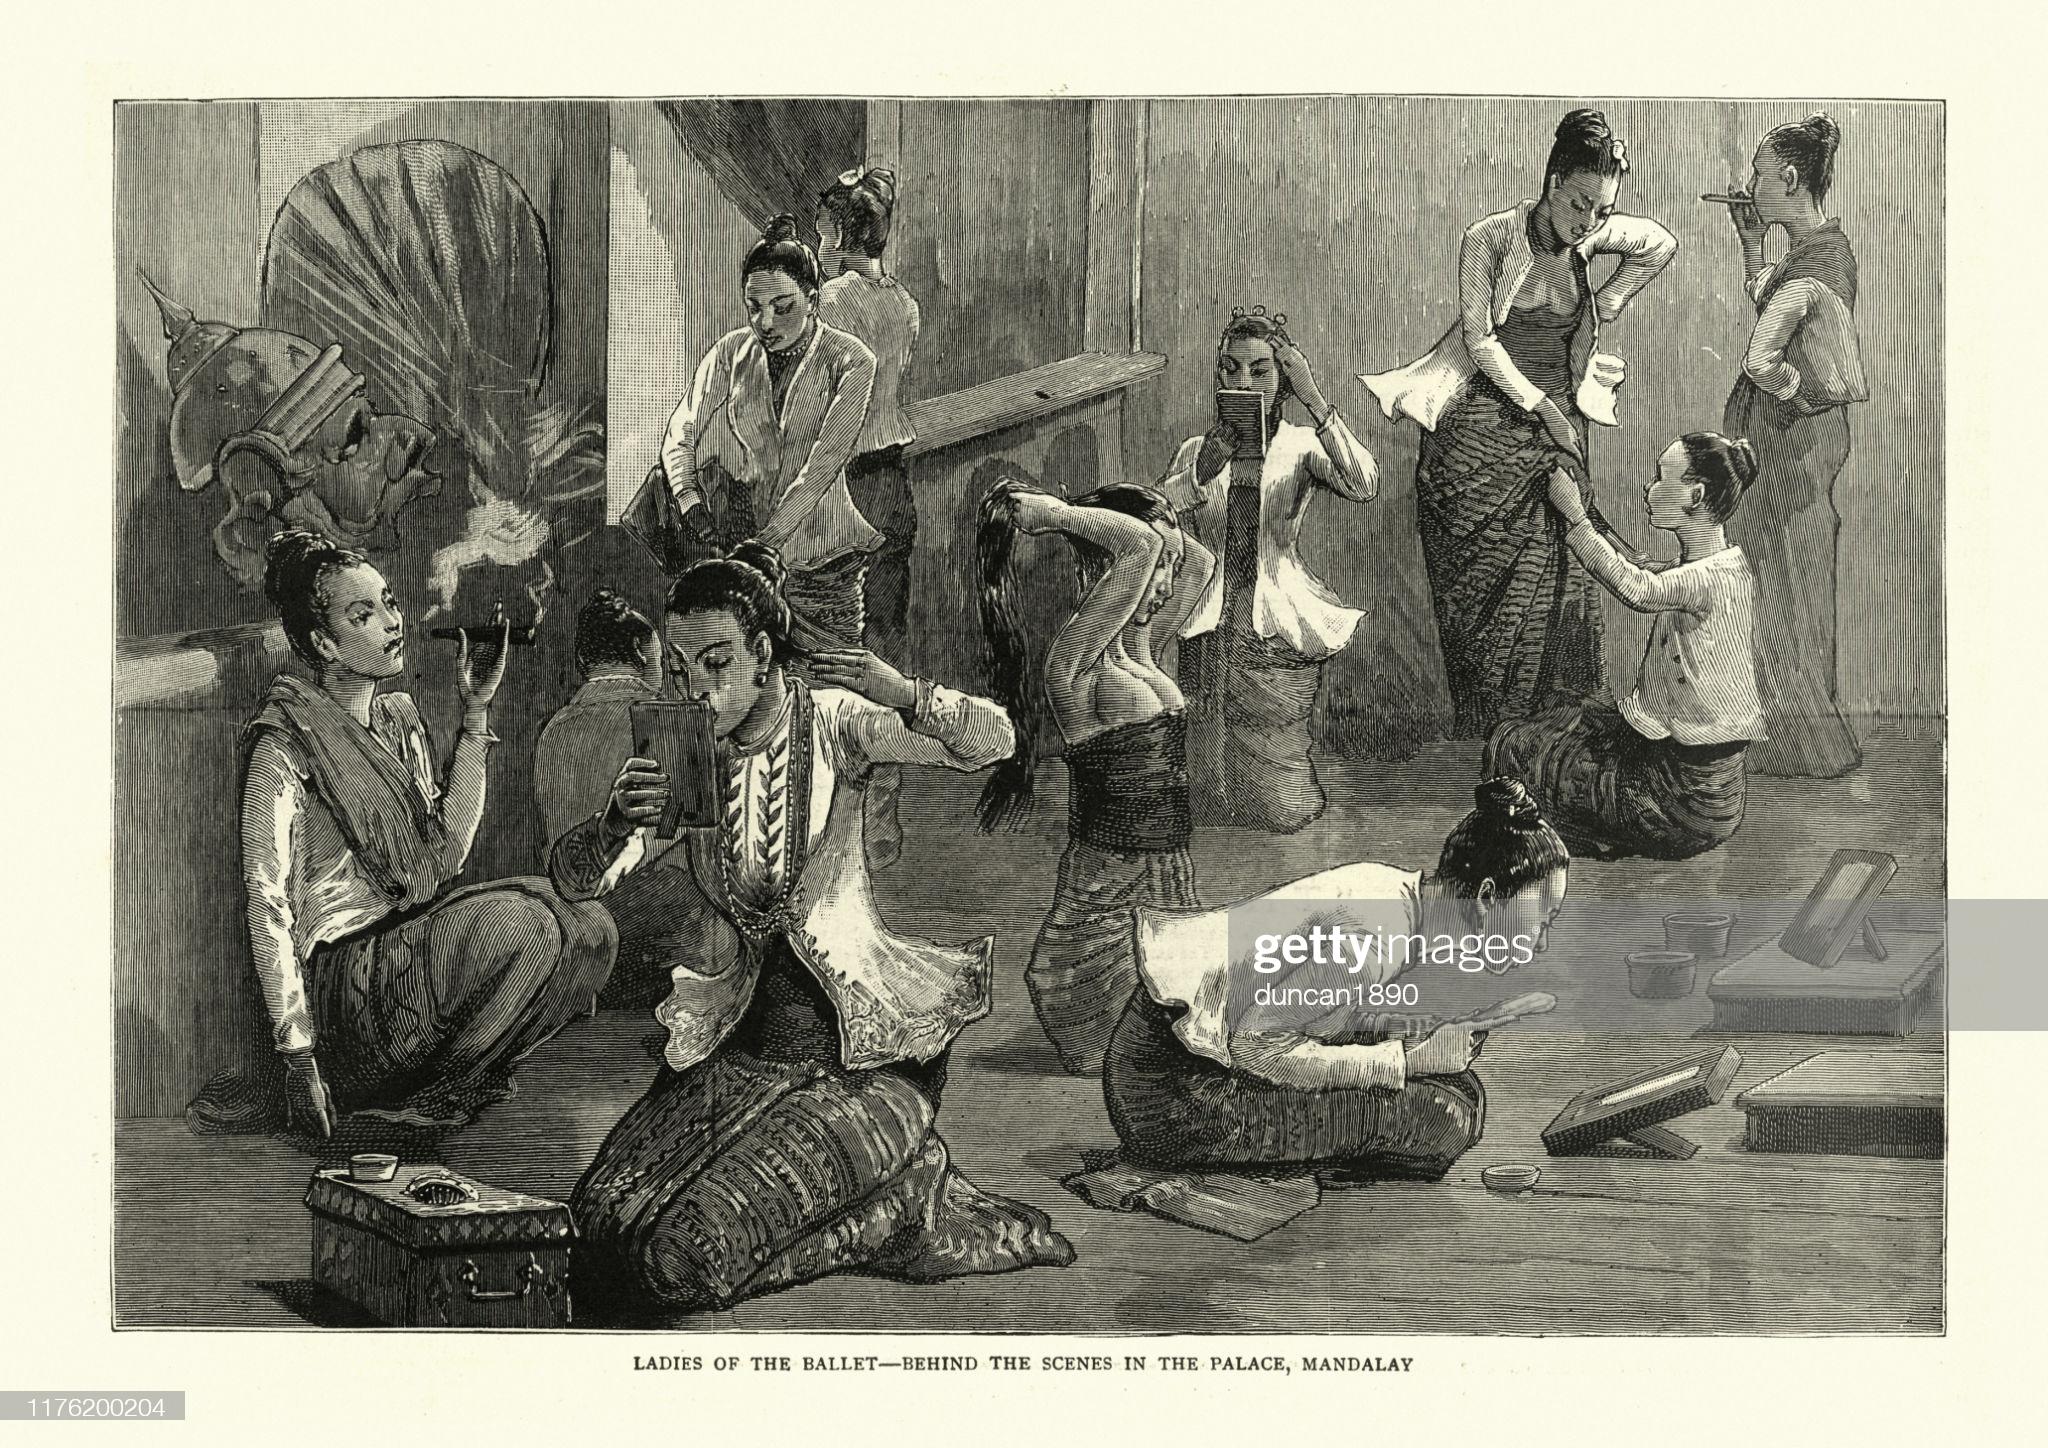 Hình ảnh tư liệu quý giá về đất nước Miến Điện thế kỷ 19